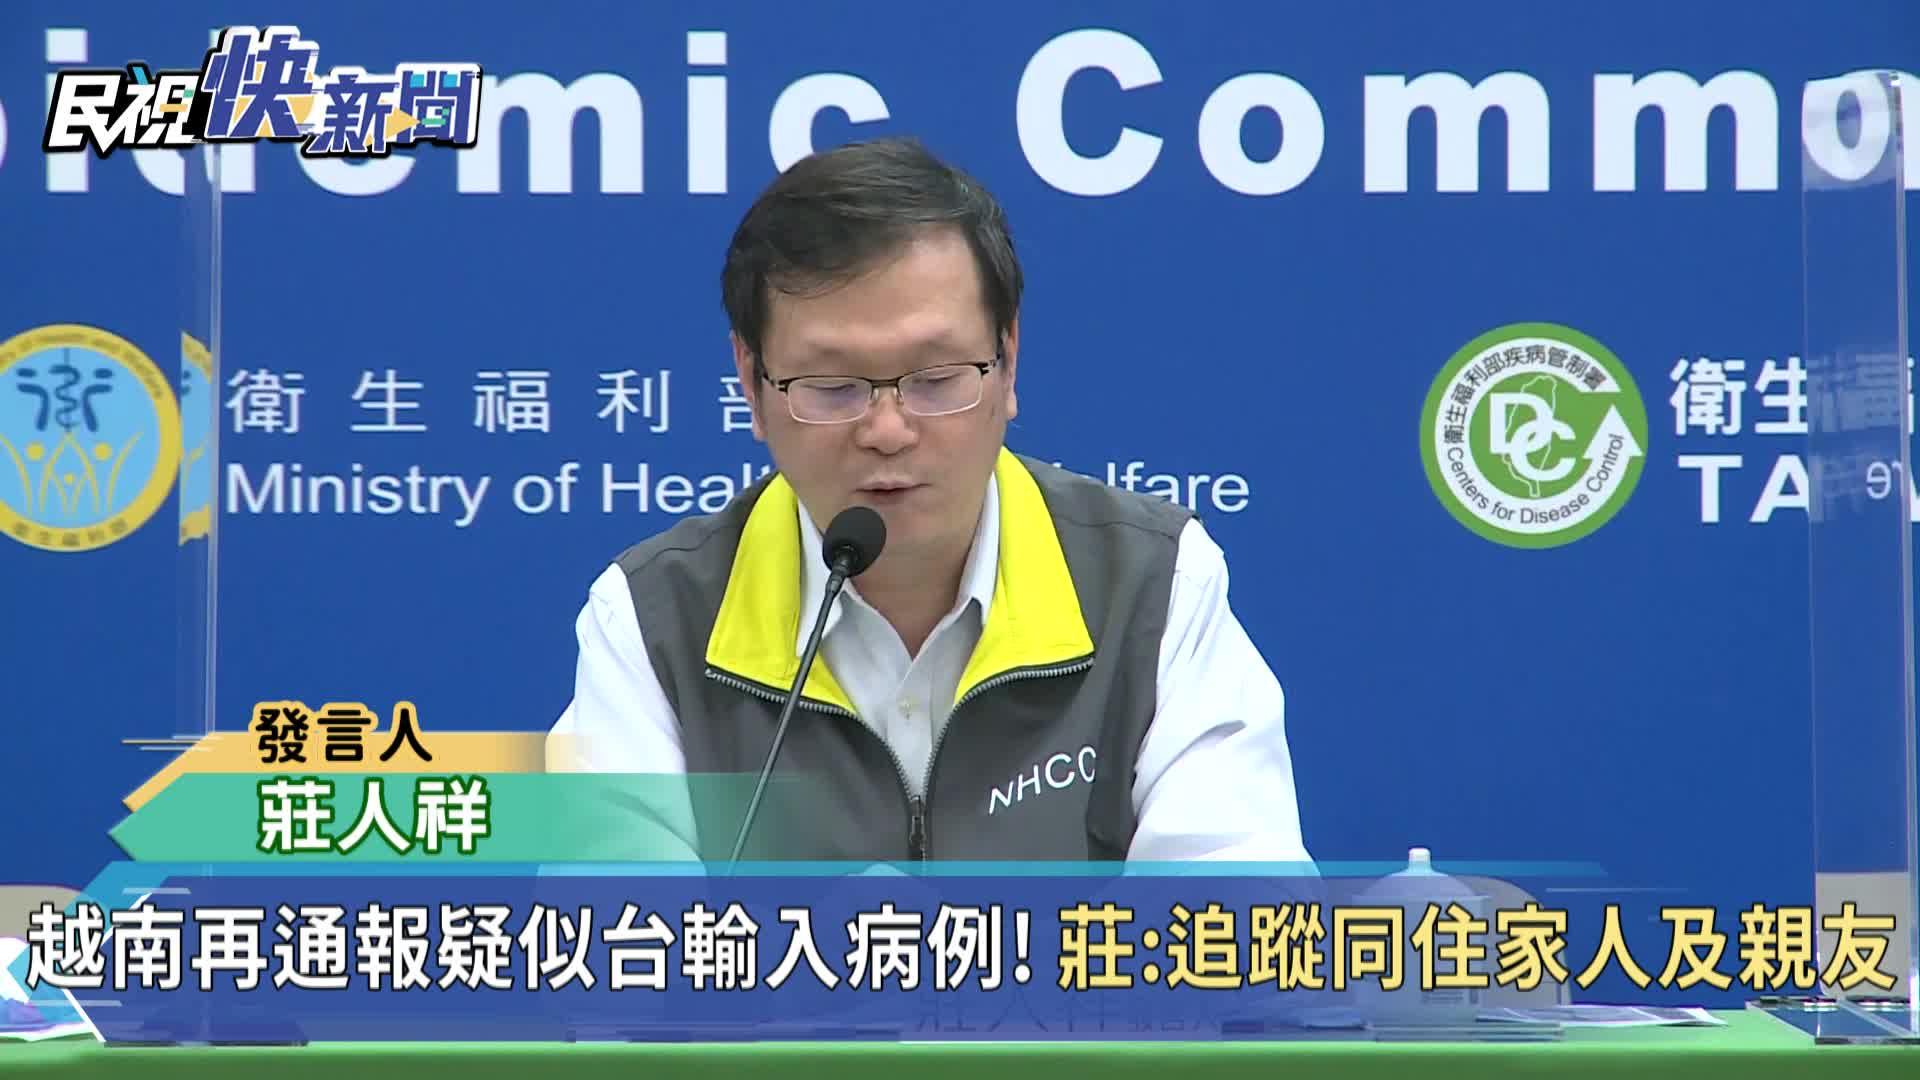 快新聞/越南再通報疑似台灣輸入病例 莊人祥:追蹤在台接觸者